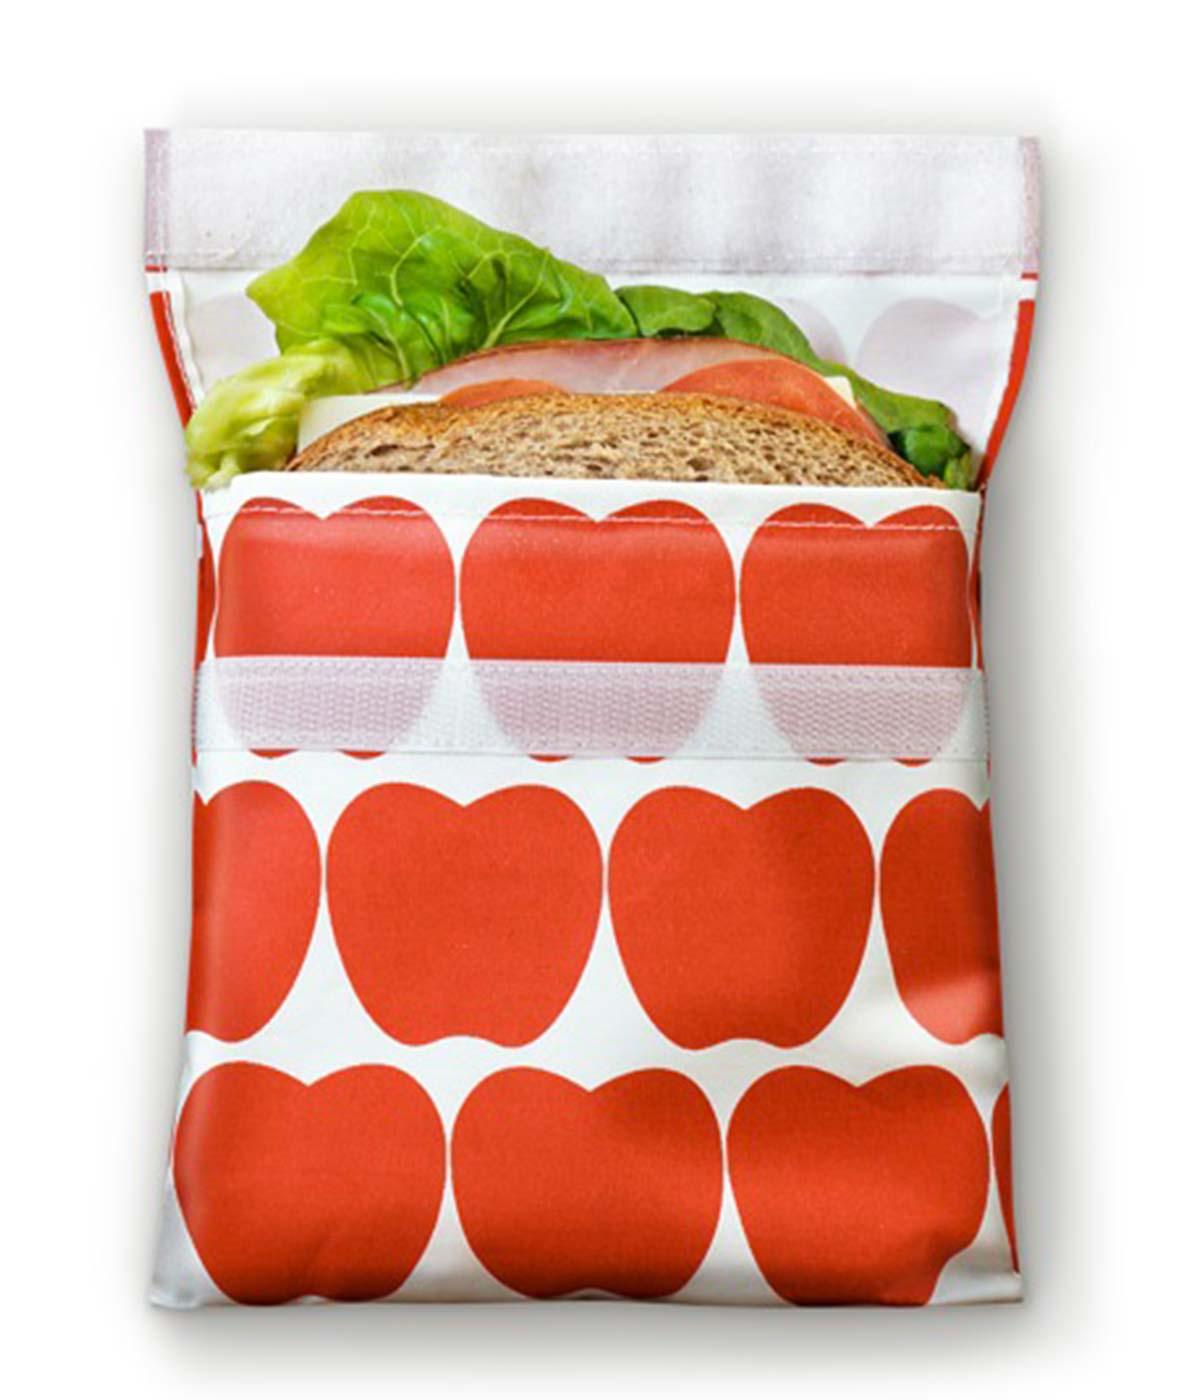 Frugtpose med velcro. Med plads til frugt og snacks. Genanvendelig og tåler opvaskemaskine (røde æbler).